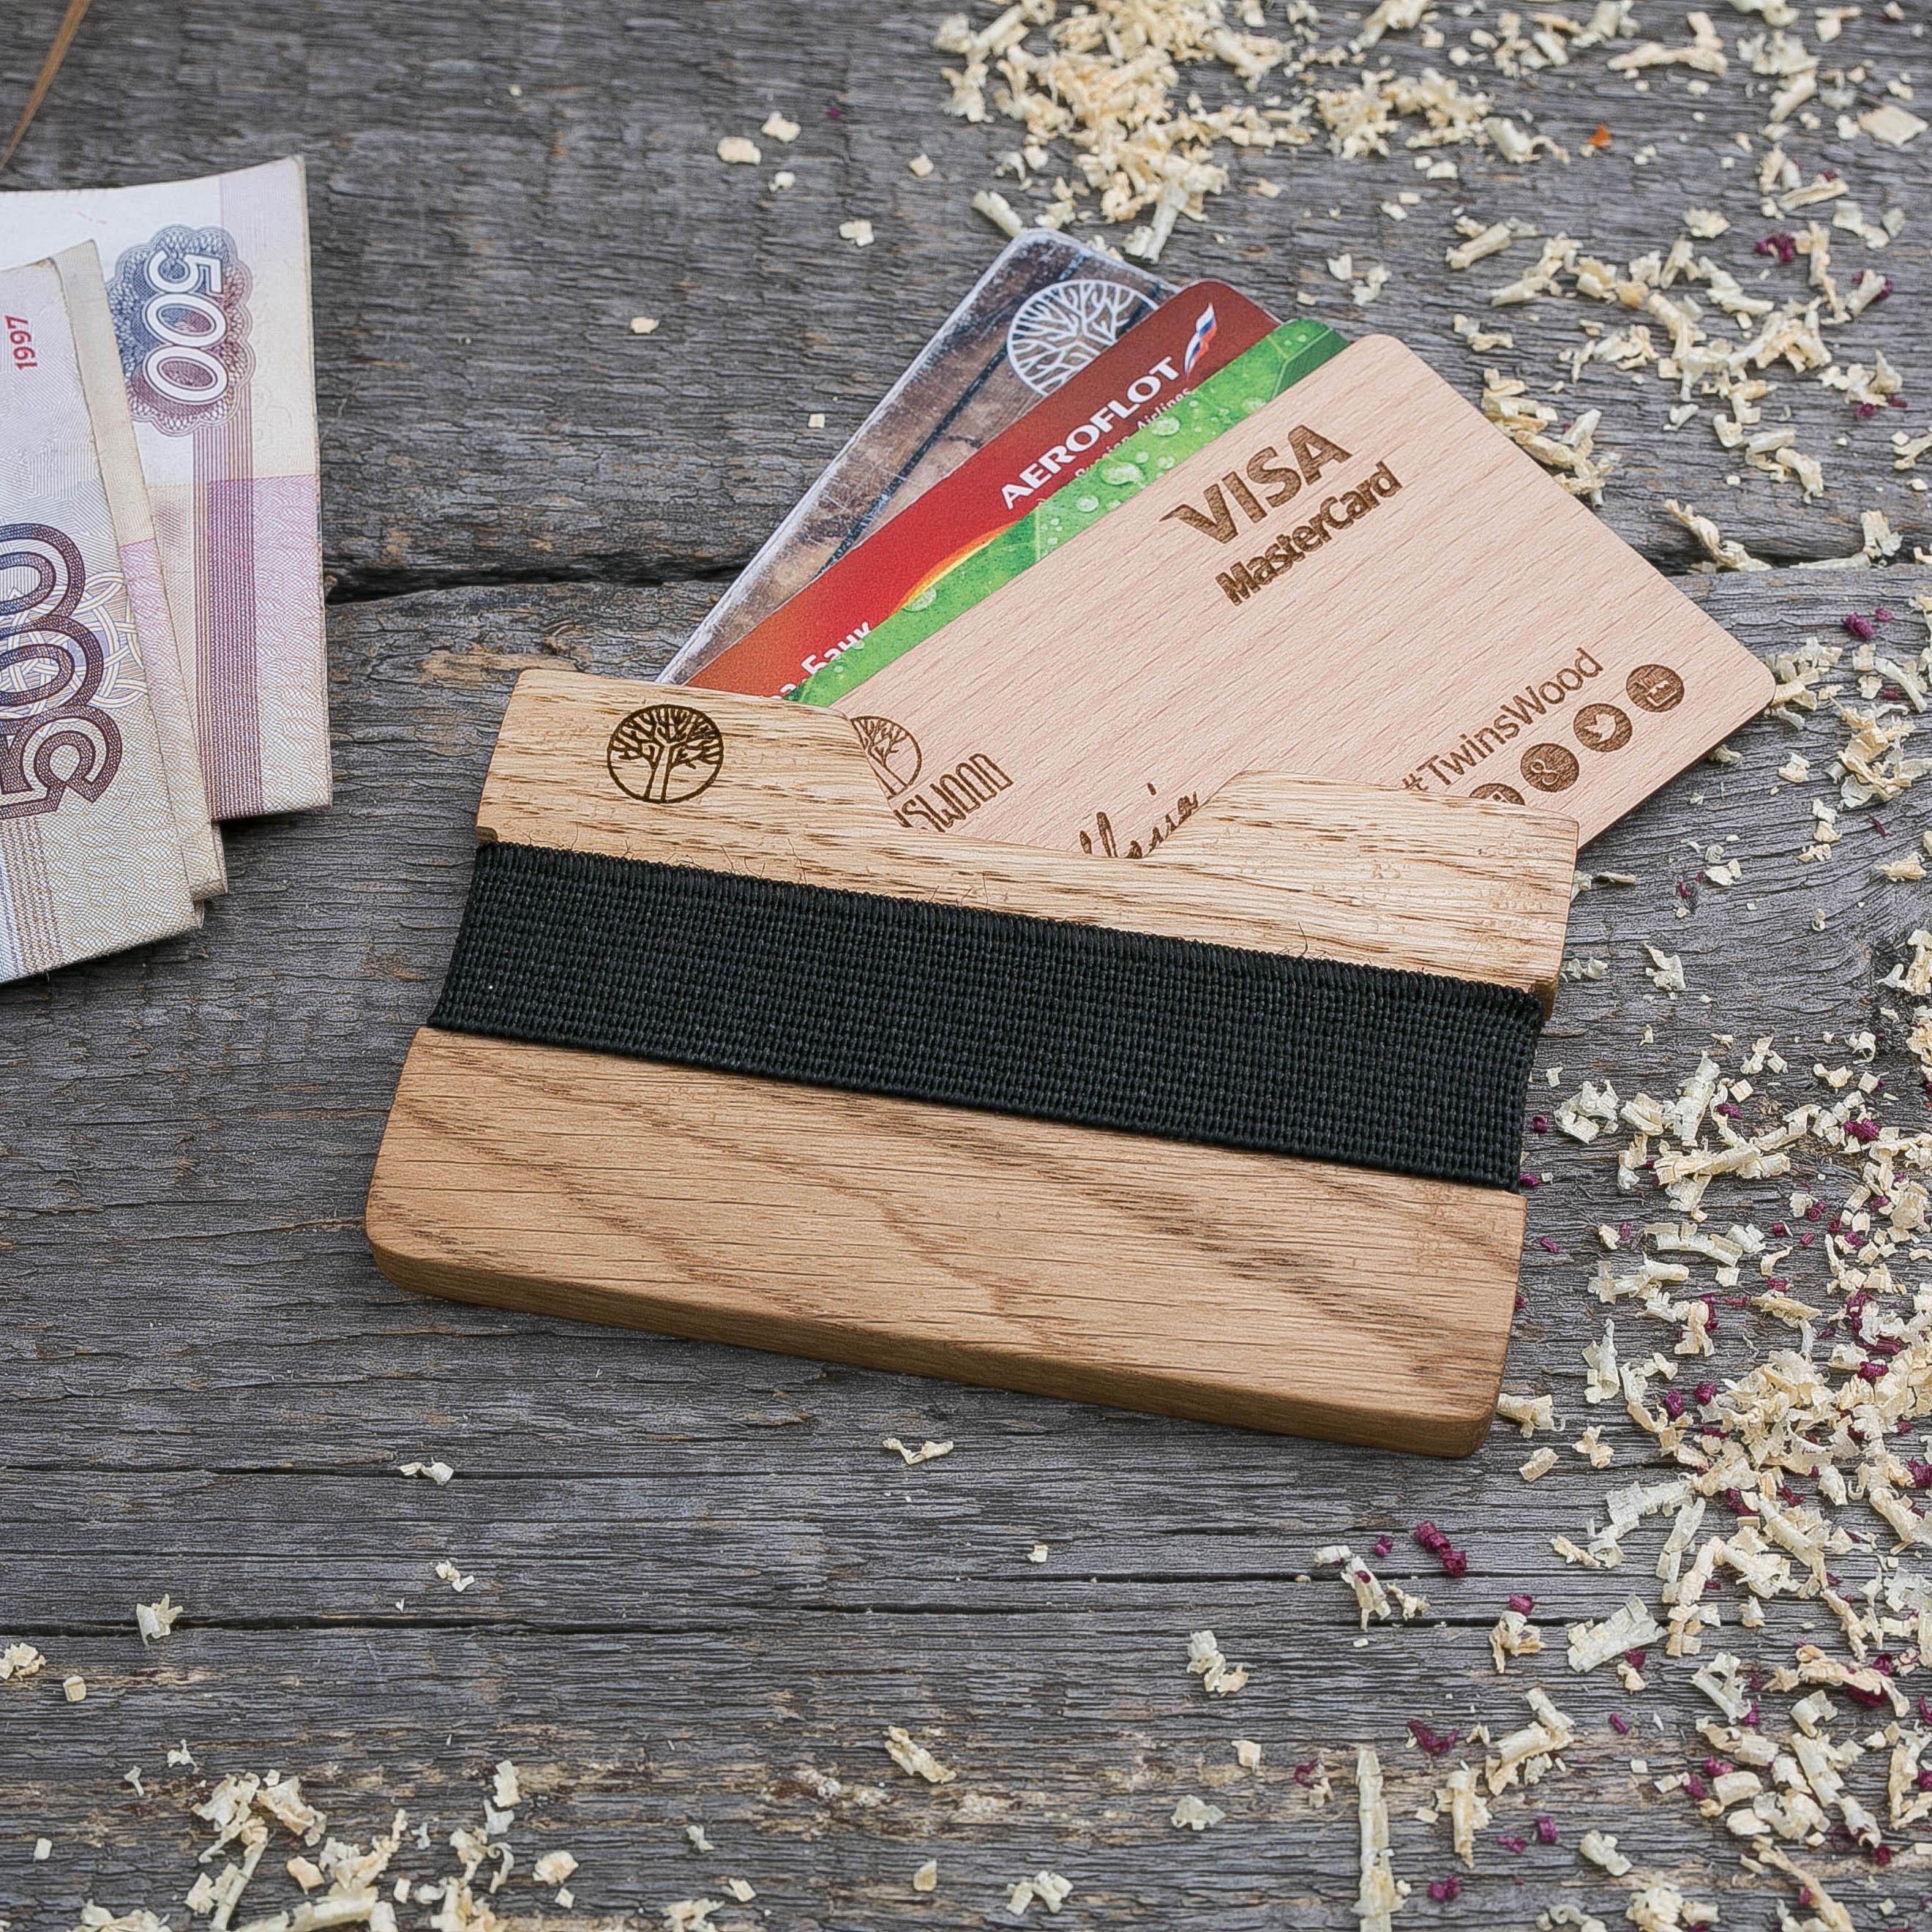 Деревянный кошелек  из дуба. Горизонтальная загрузка. Для 1-6 пластиковых карт и купюр. Поддержка Apple Pay. Гравировка имени или логотипа. Бизнес сувенир. Подарок другу. Именной кошелек TwinsWood-OakH